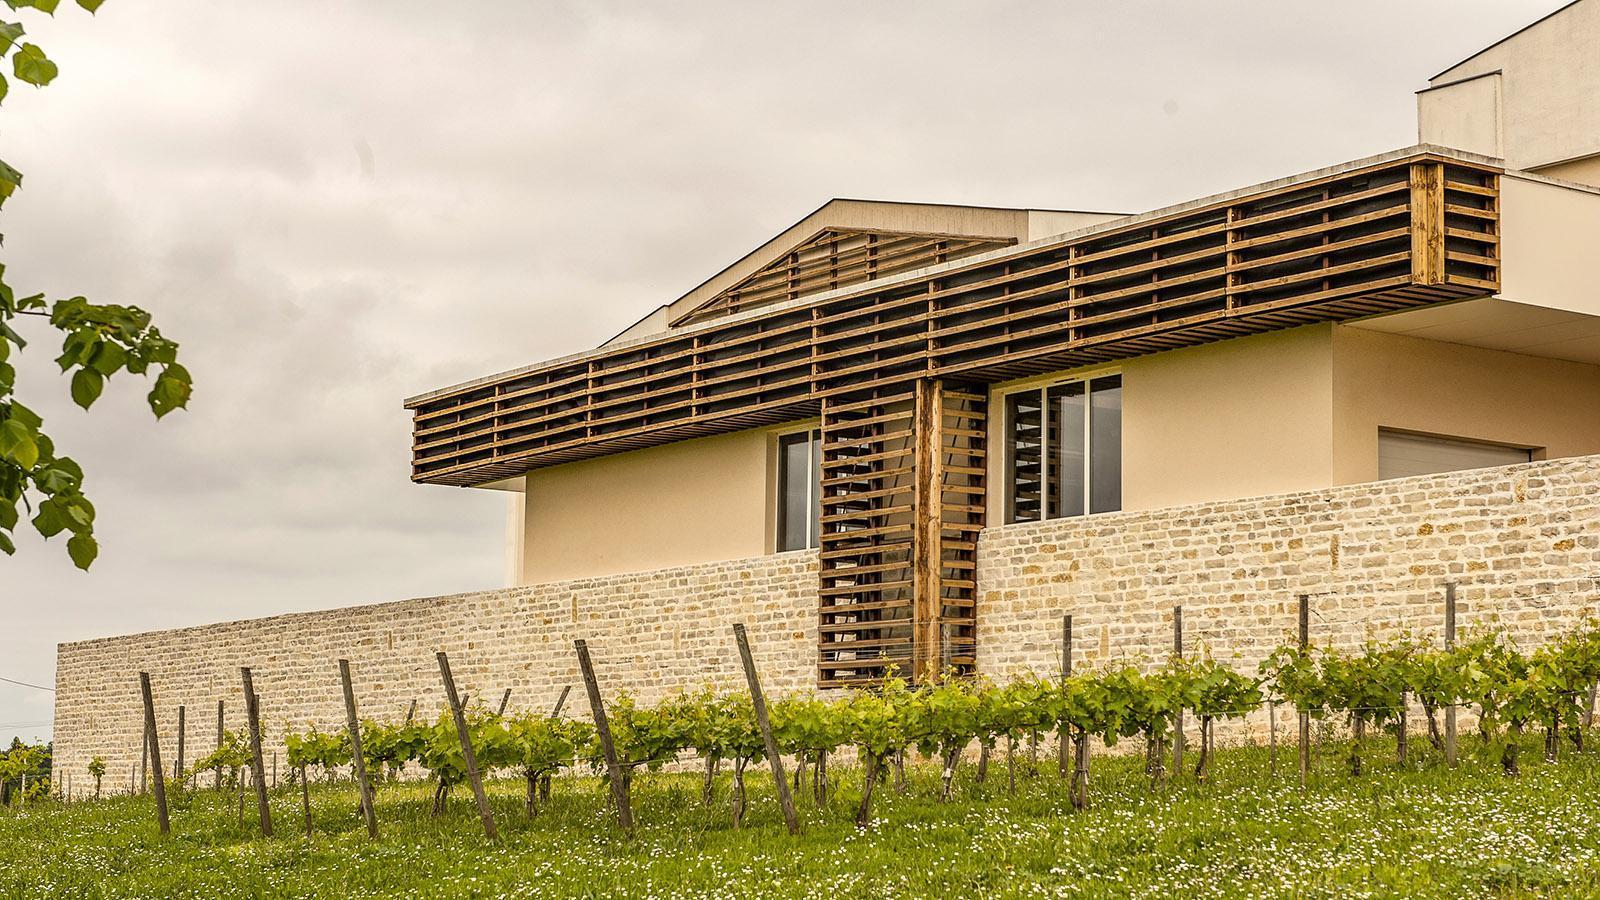 Bourg-Charente: die moderne Kellerei von Grand Marnier. Foto: Hilke Maunder